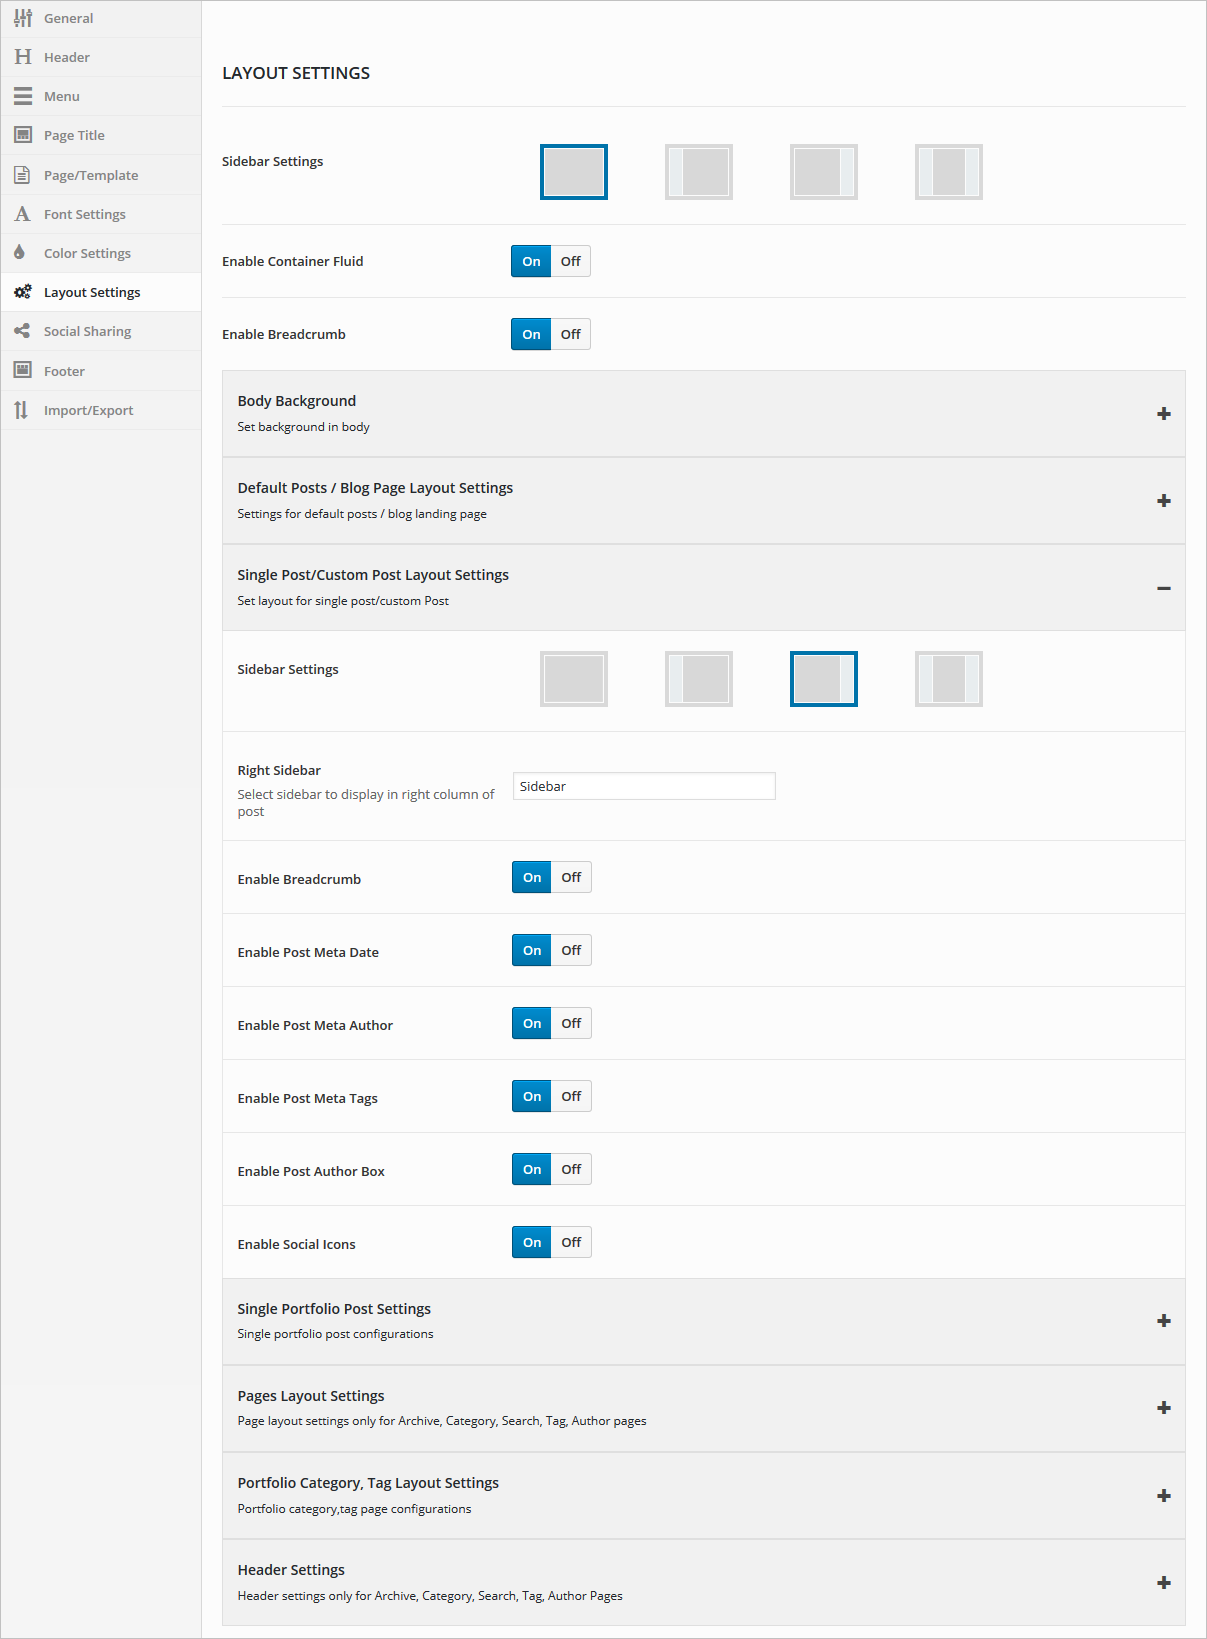 layout-settings